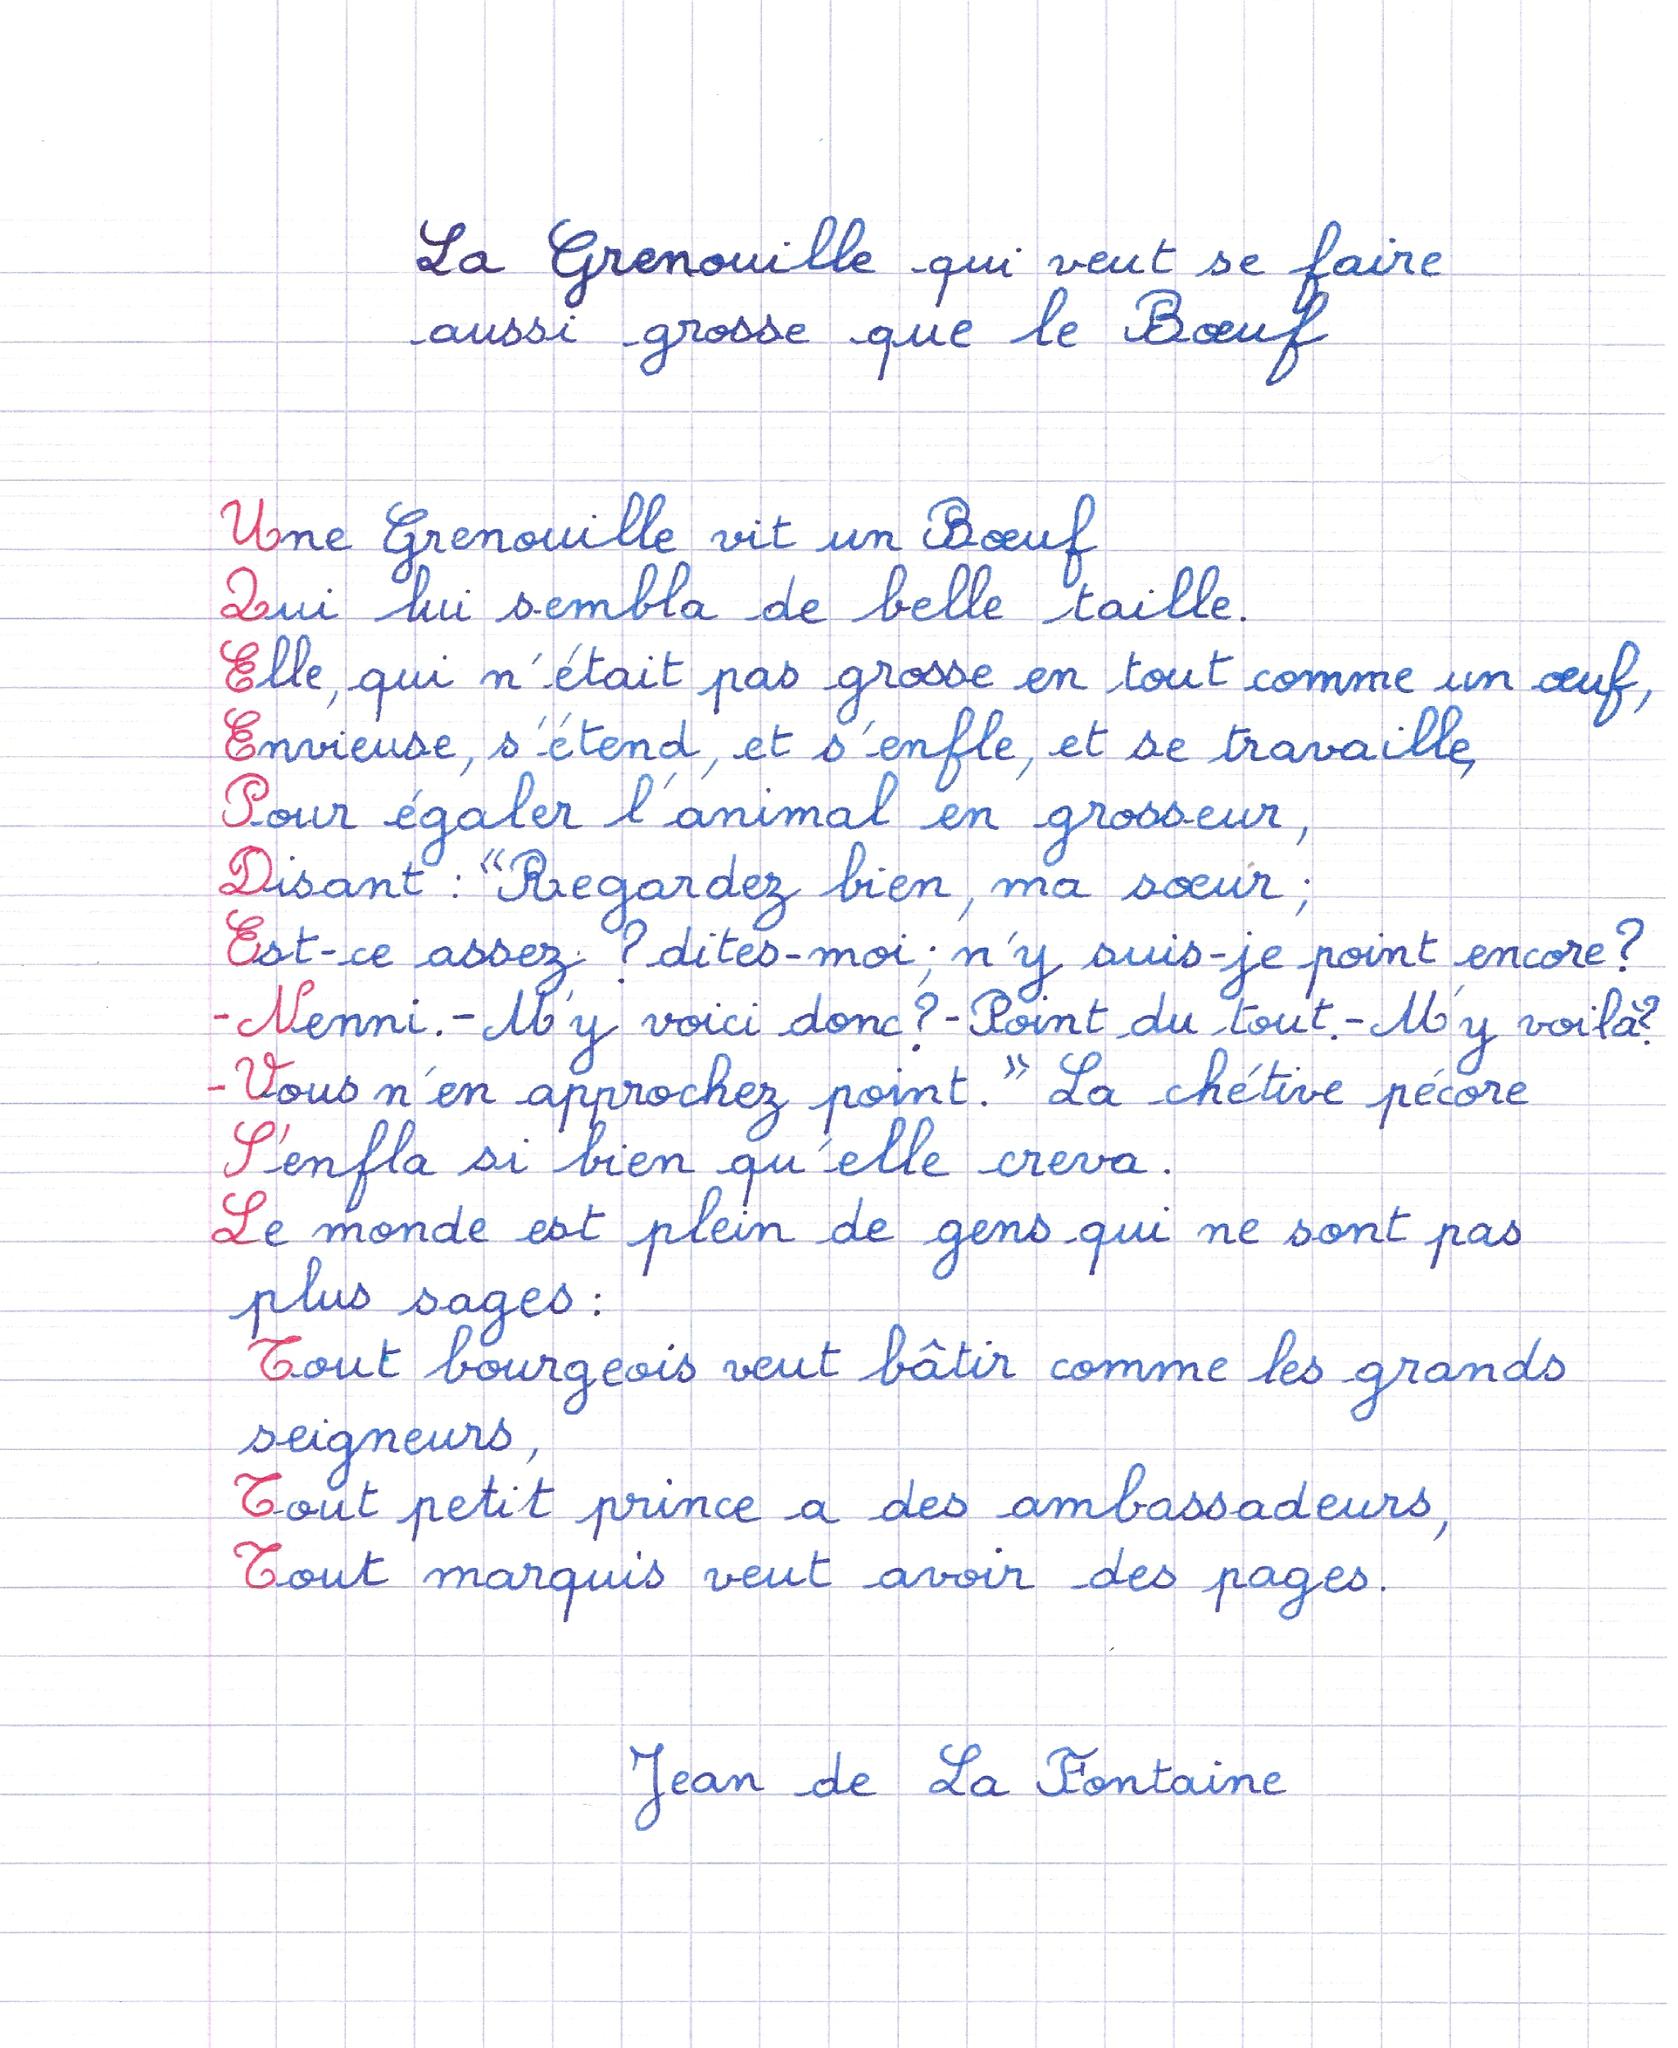 Poème De Jean De La Fontaine La Grenouille Qui Veut Se